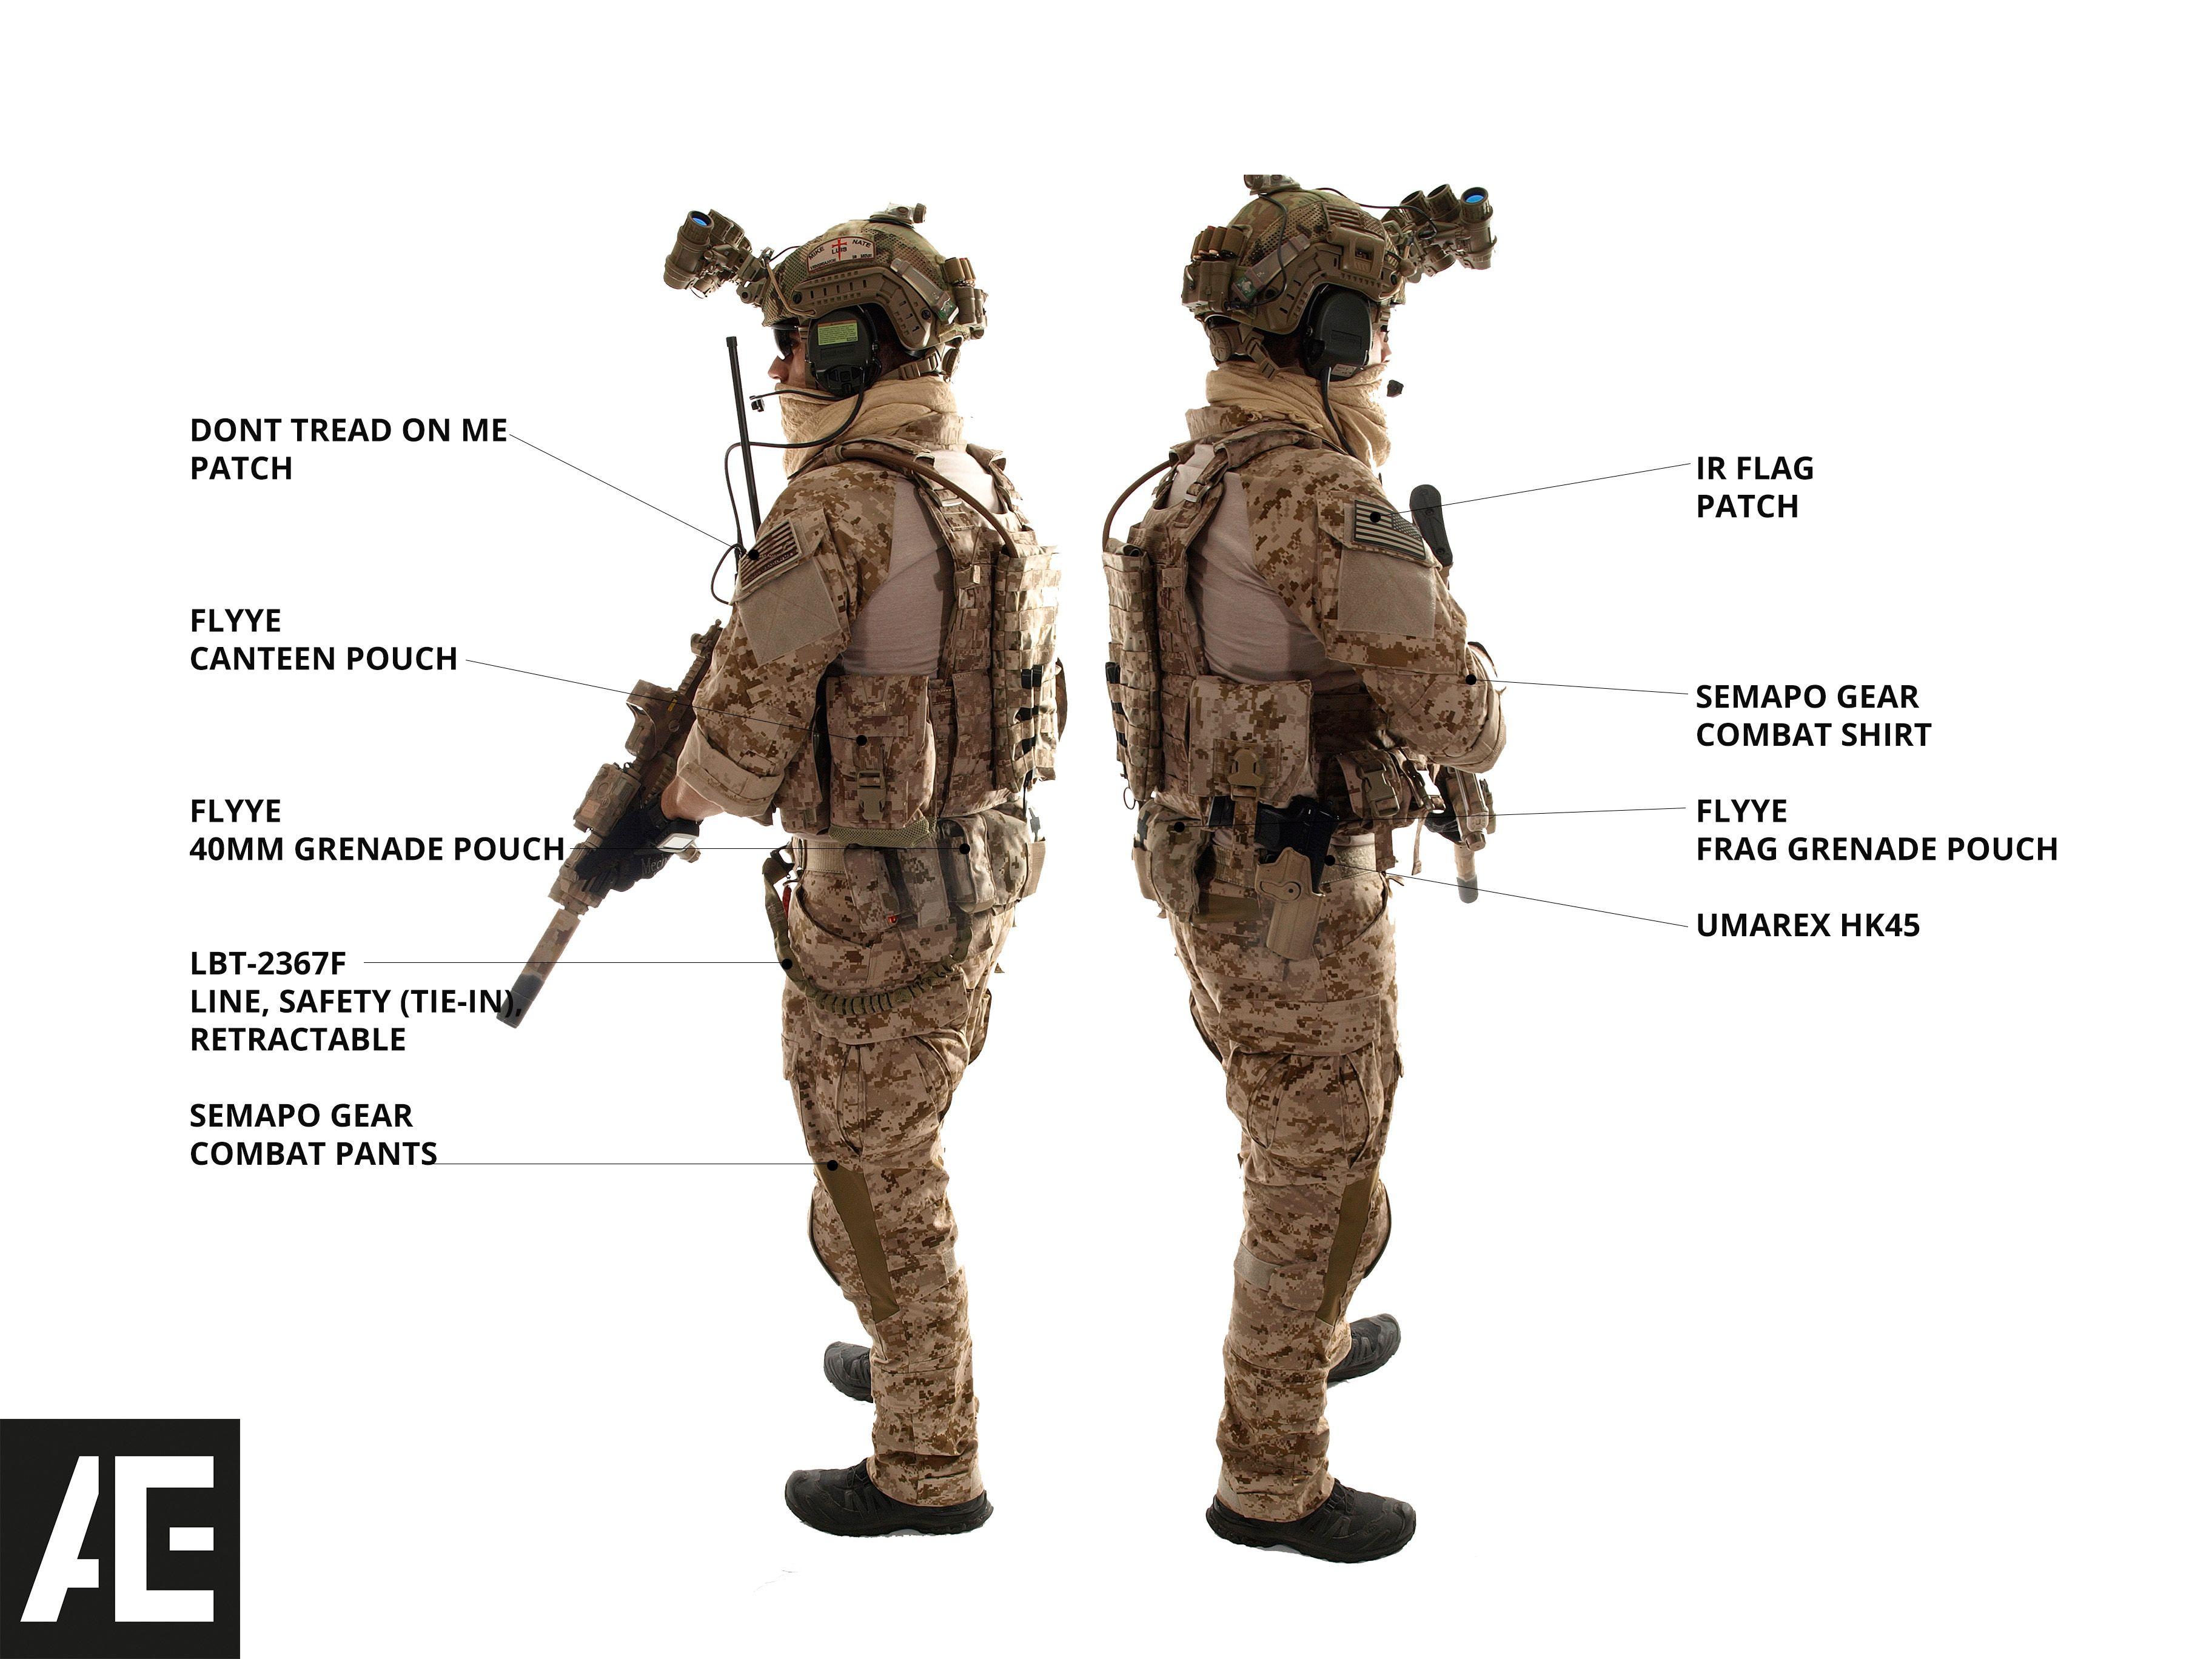 Navy Seal Gear Kitlist 2013   loadout   Navy seal gear, Navy